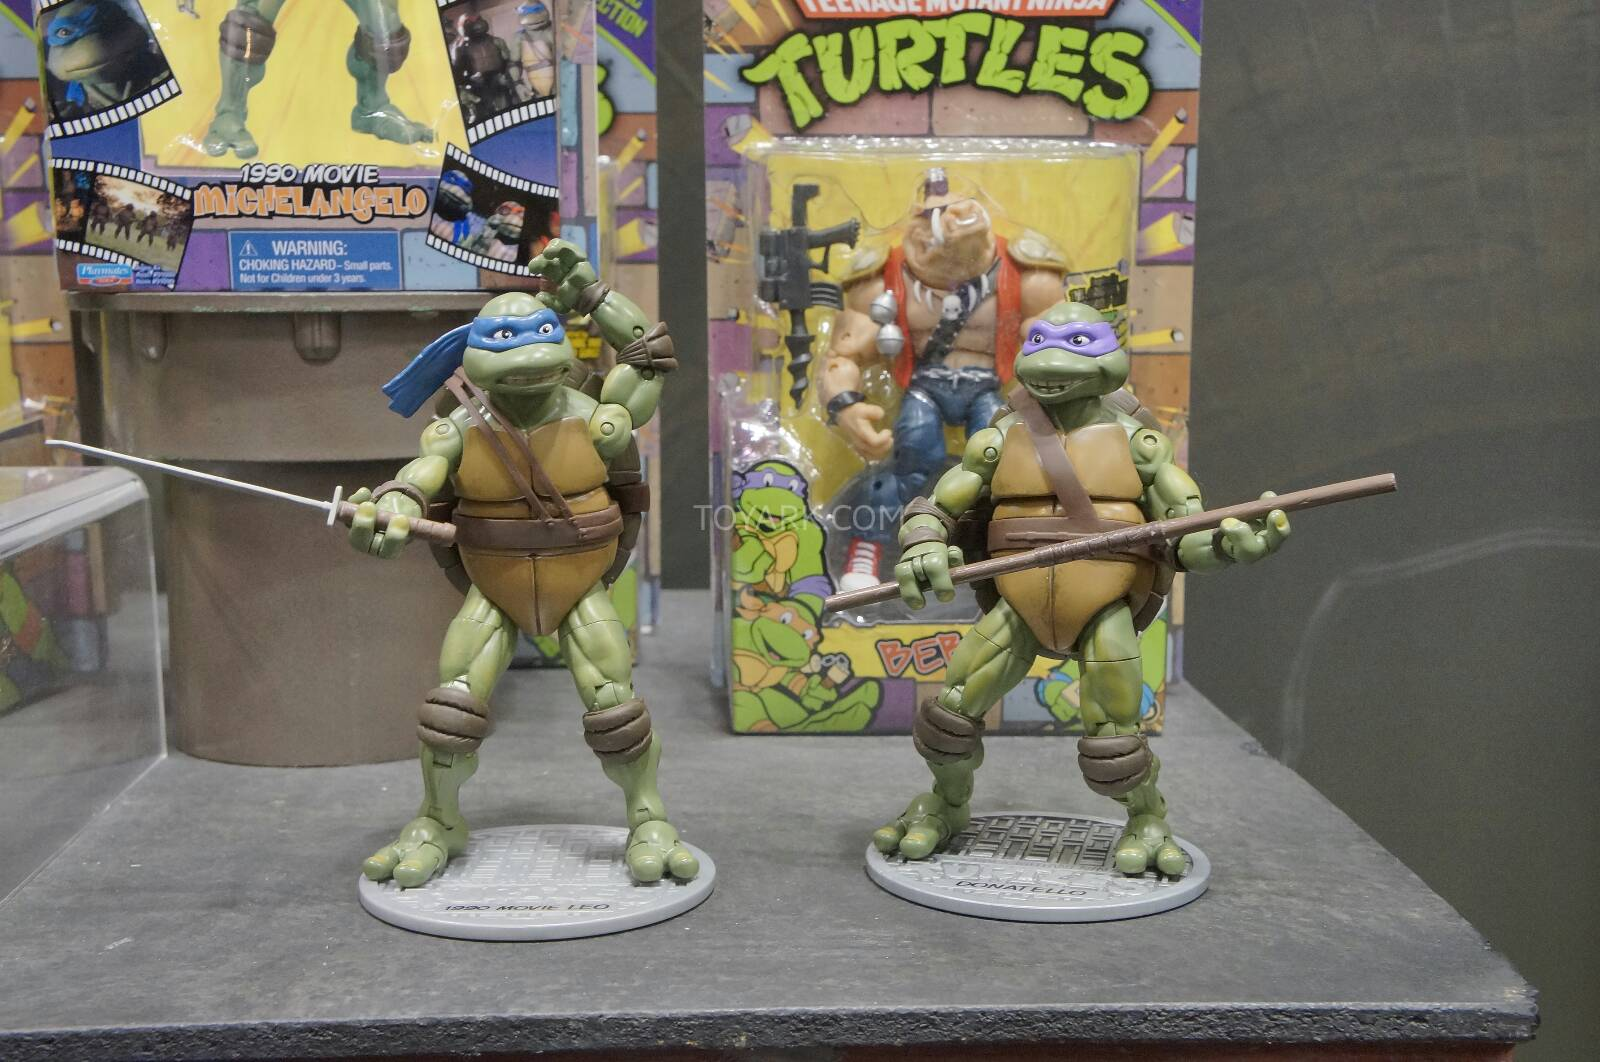 Teenage Mutant Ninja Turtles Toy-Fair-2014-Playmates-TMNT-1990-Movie-Classics-036